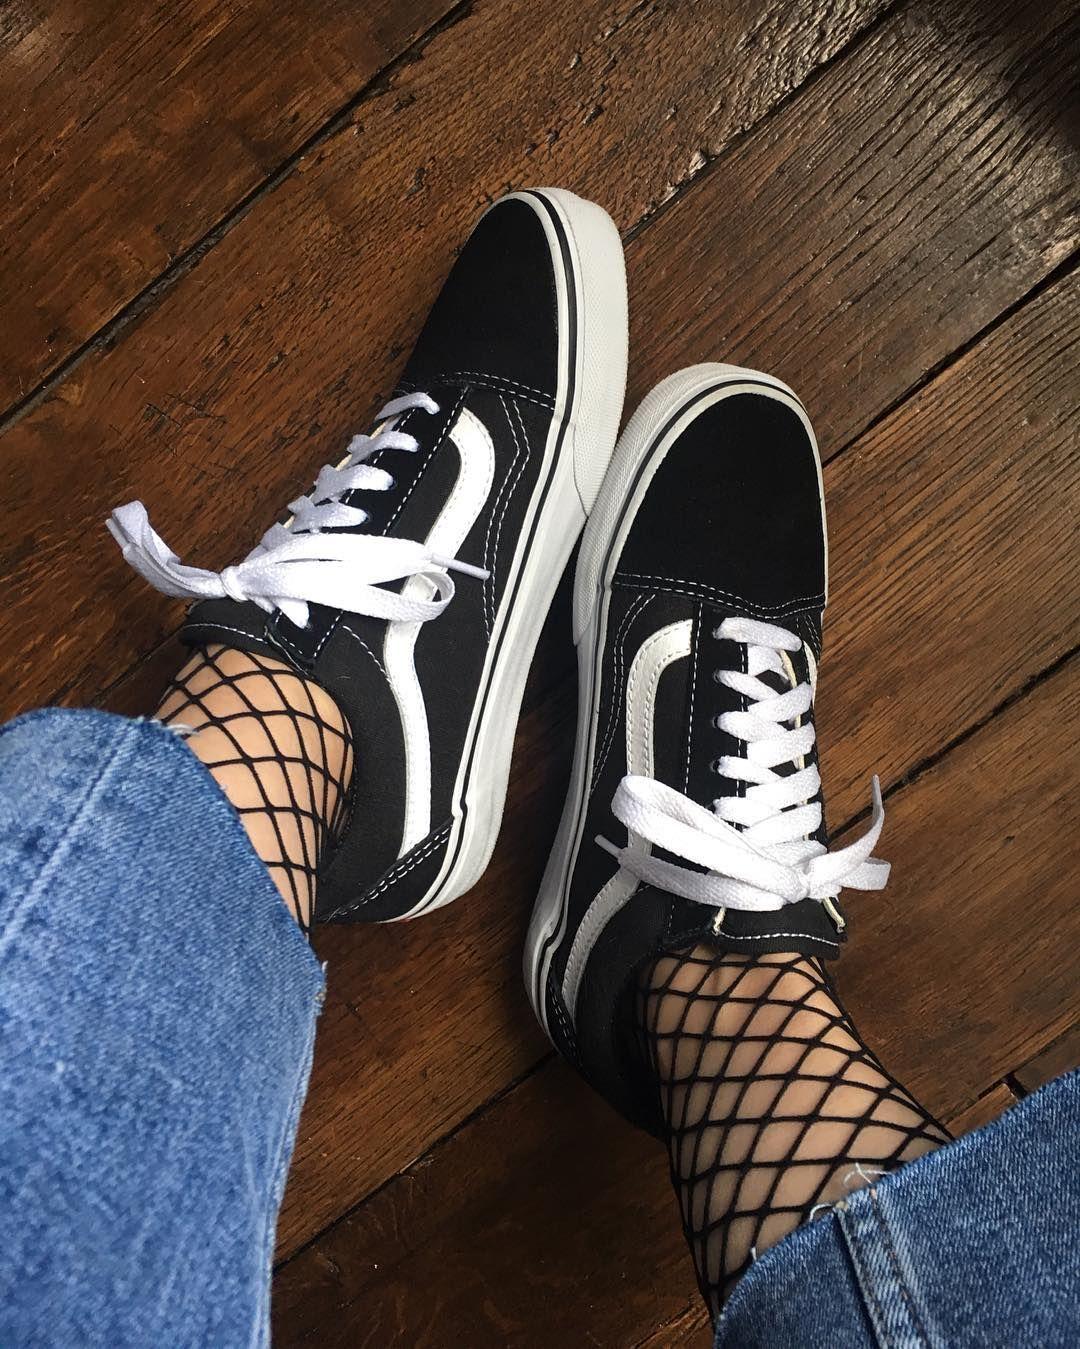 fishnet adidas | kicks | Skor, Sneakers och Mode